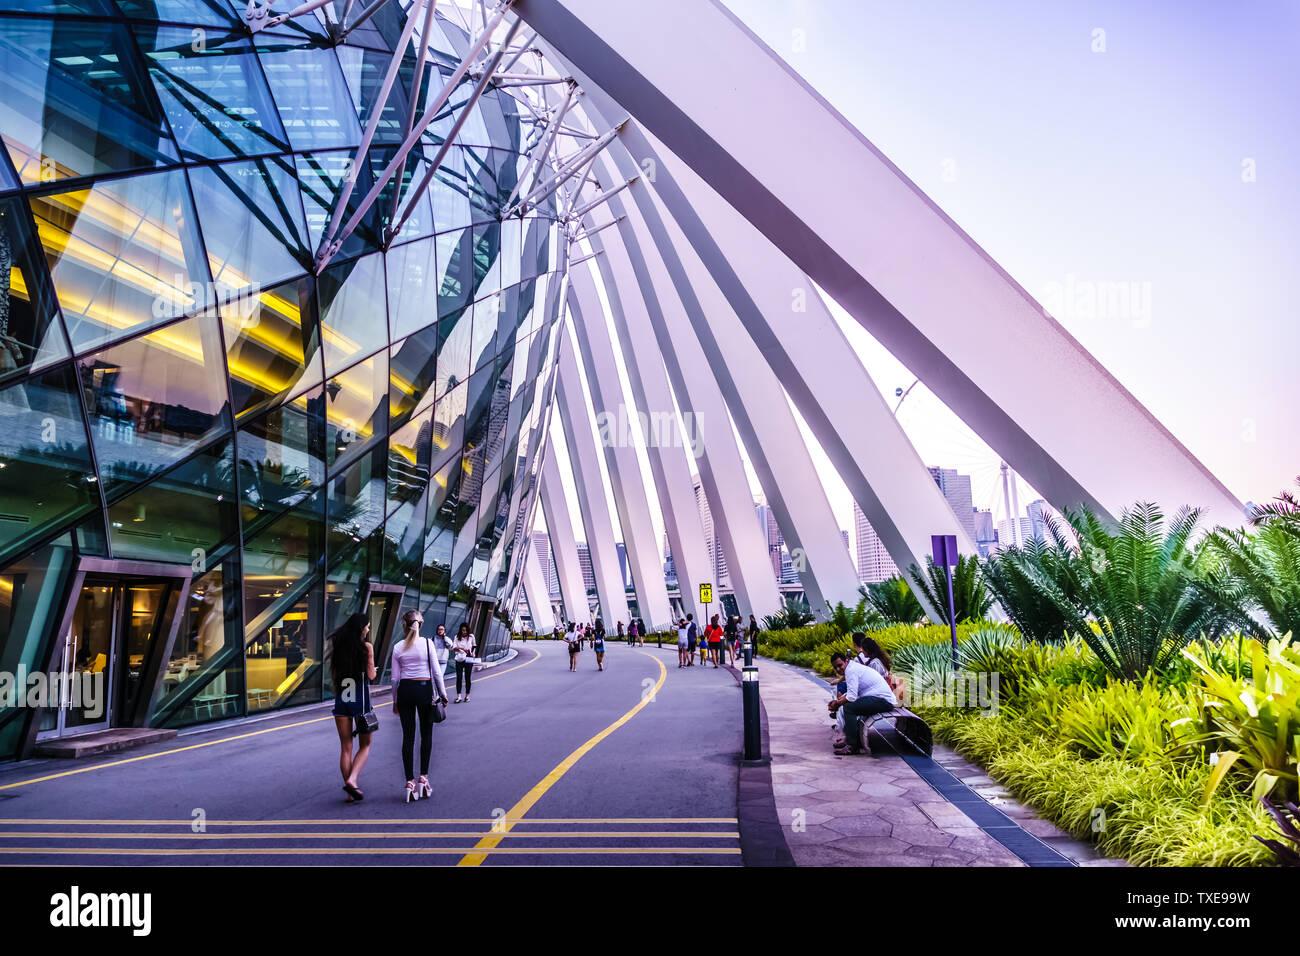 Singapore - Mar 15, 2019: giardini dalla baia, Dome di flusso esterno funzioni di architettura. Foto Stock